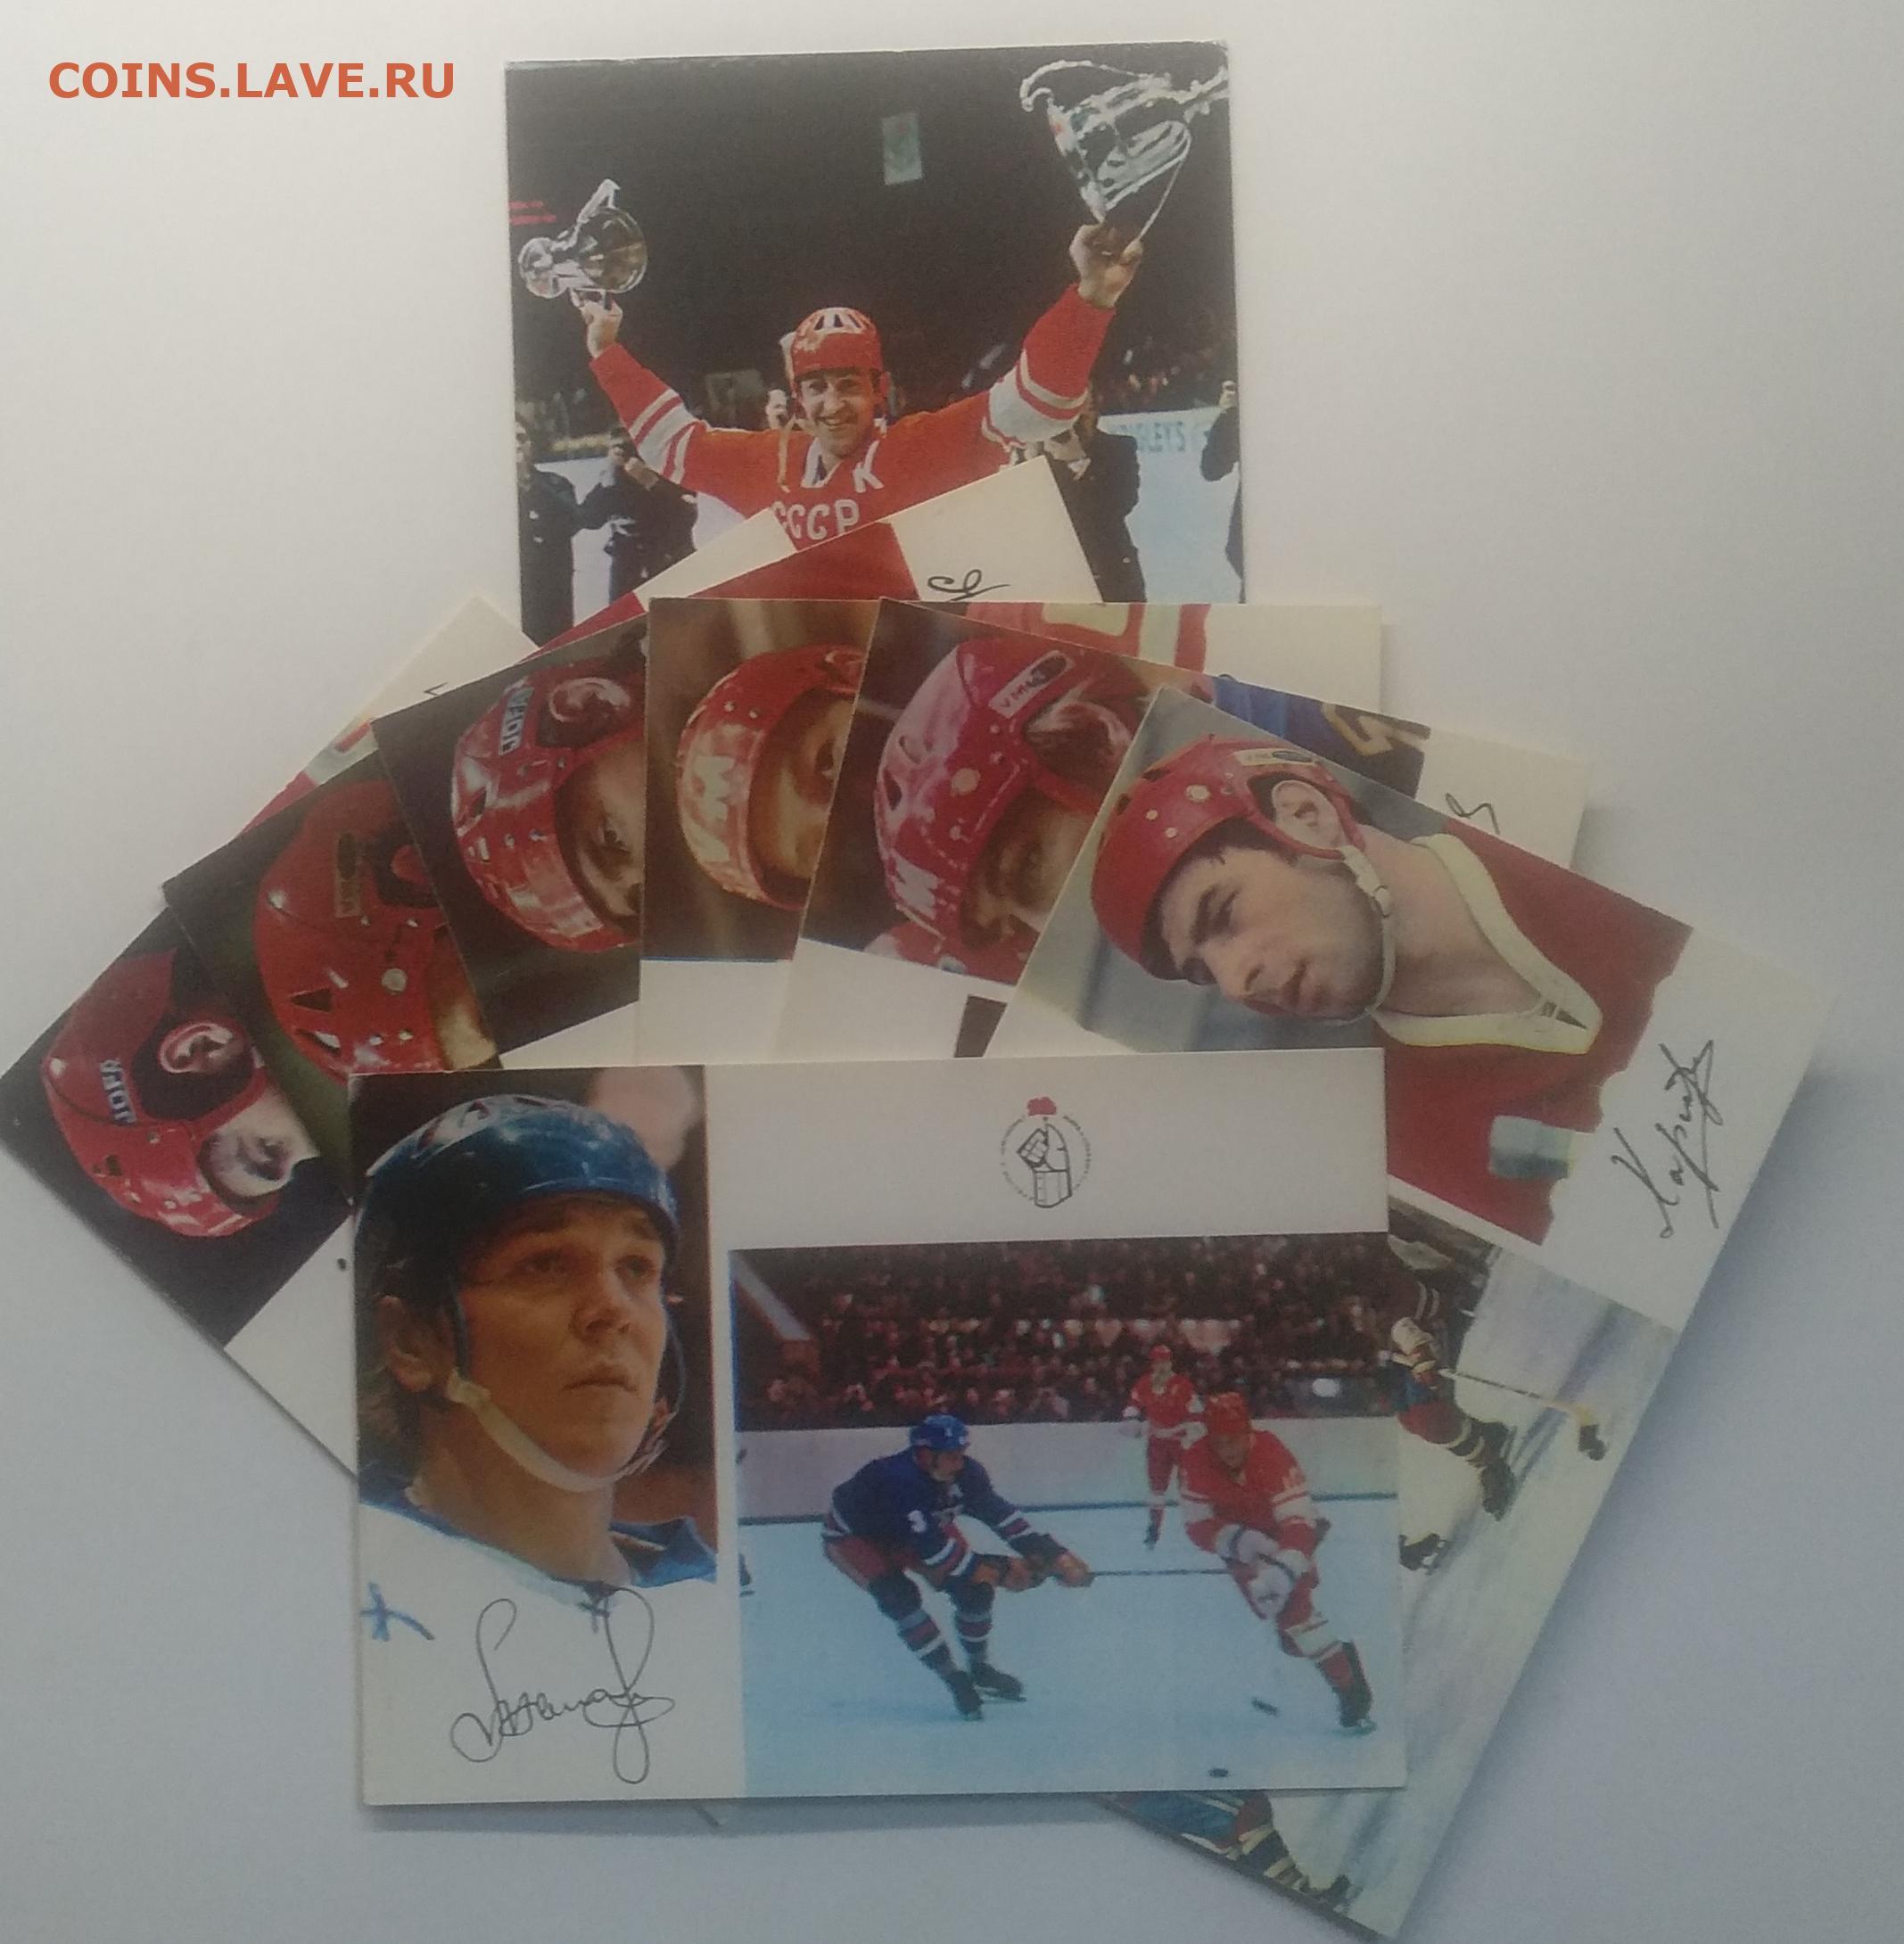 Открытки сборной ссср по хоккею 1973 сколько стоят эта отличительная